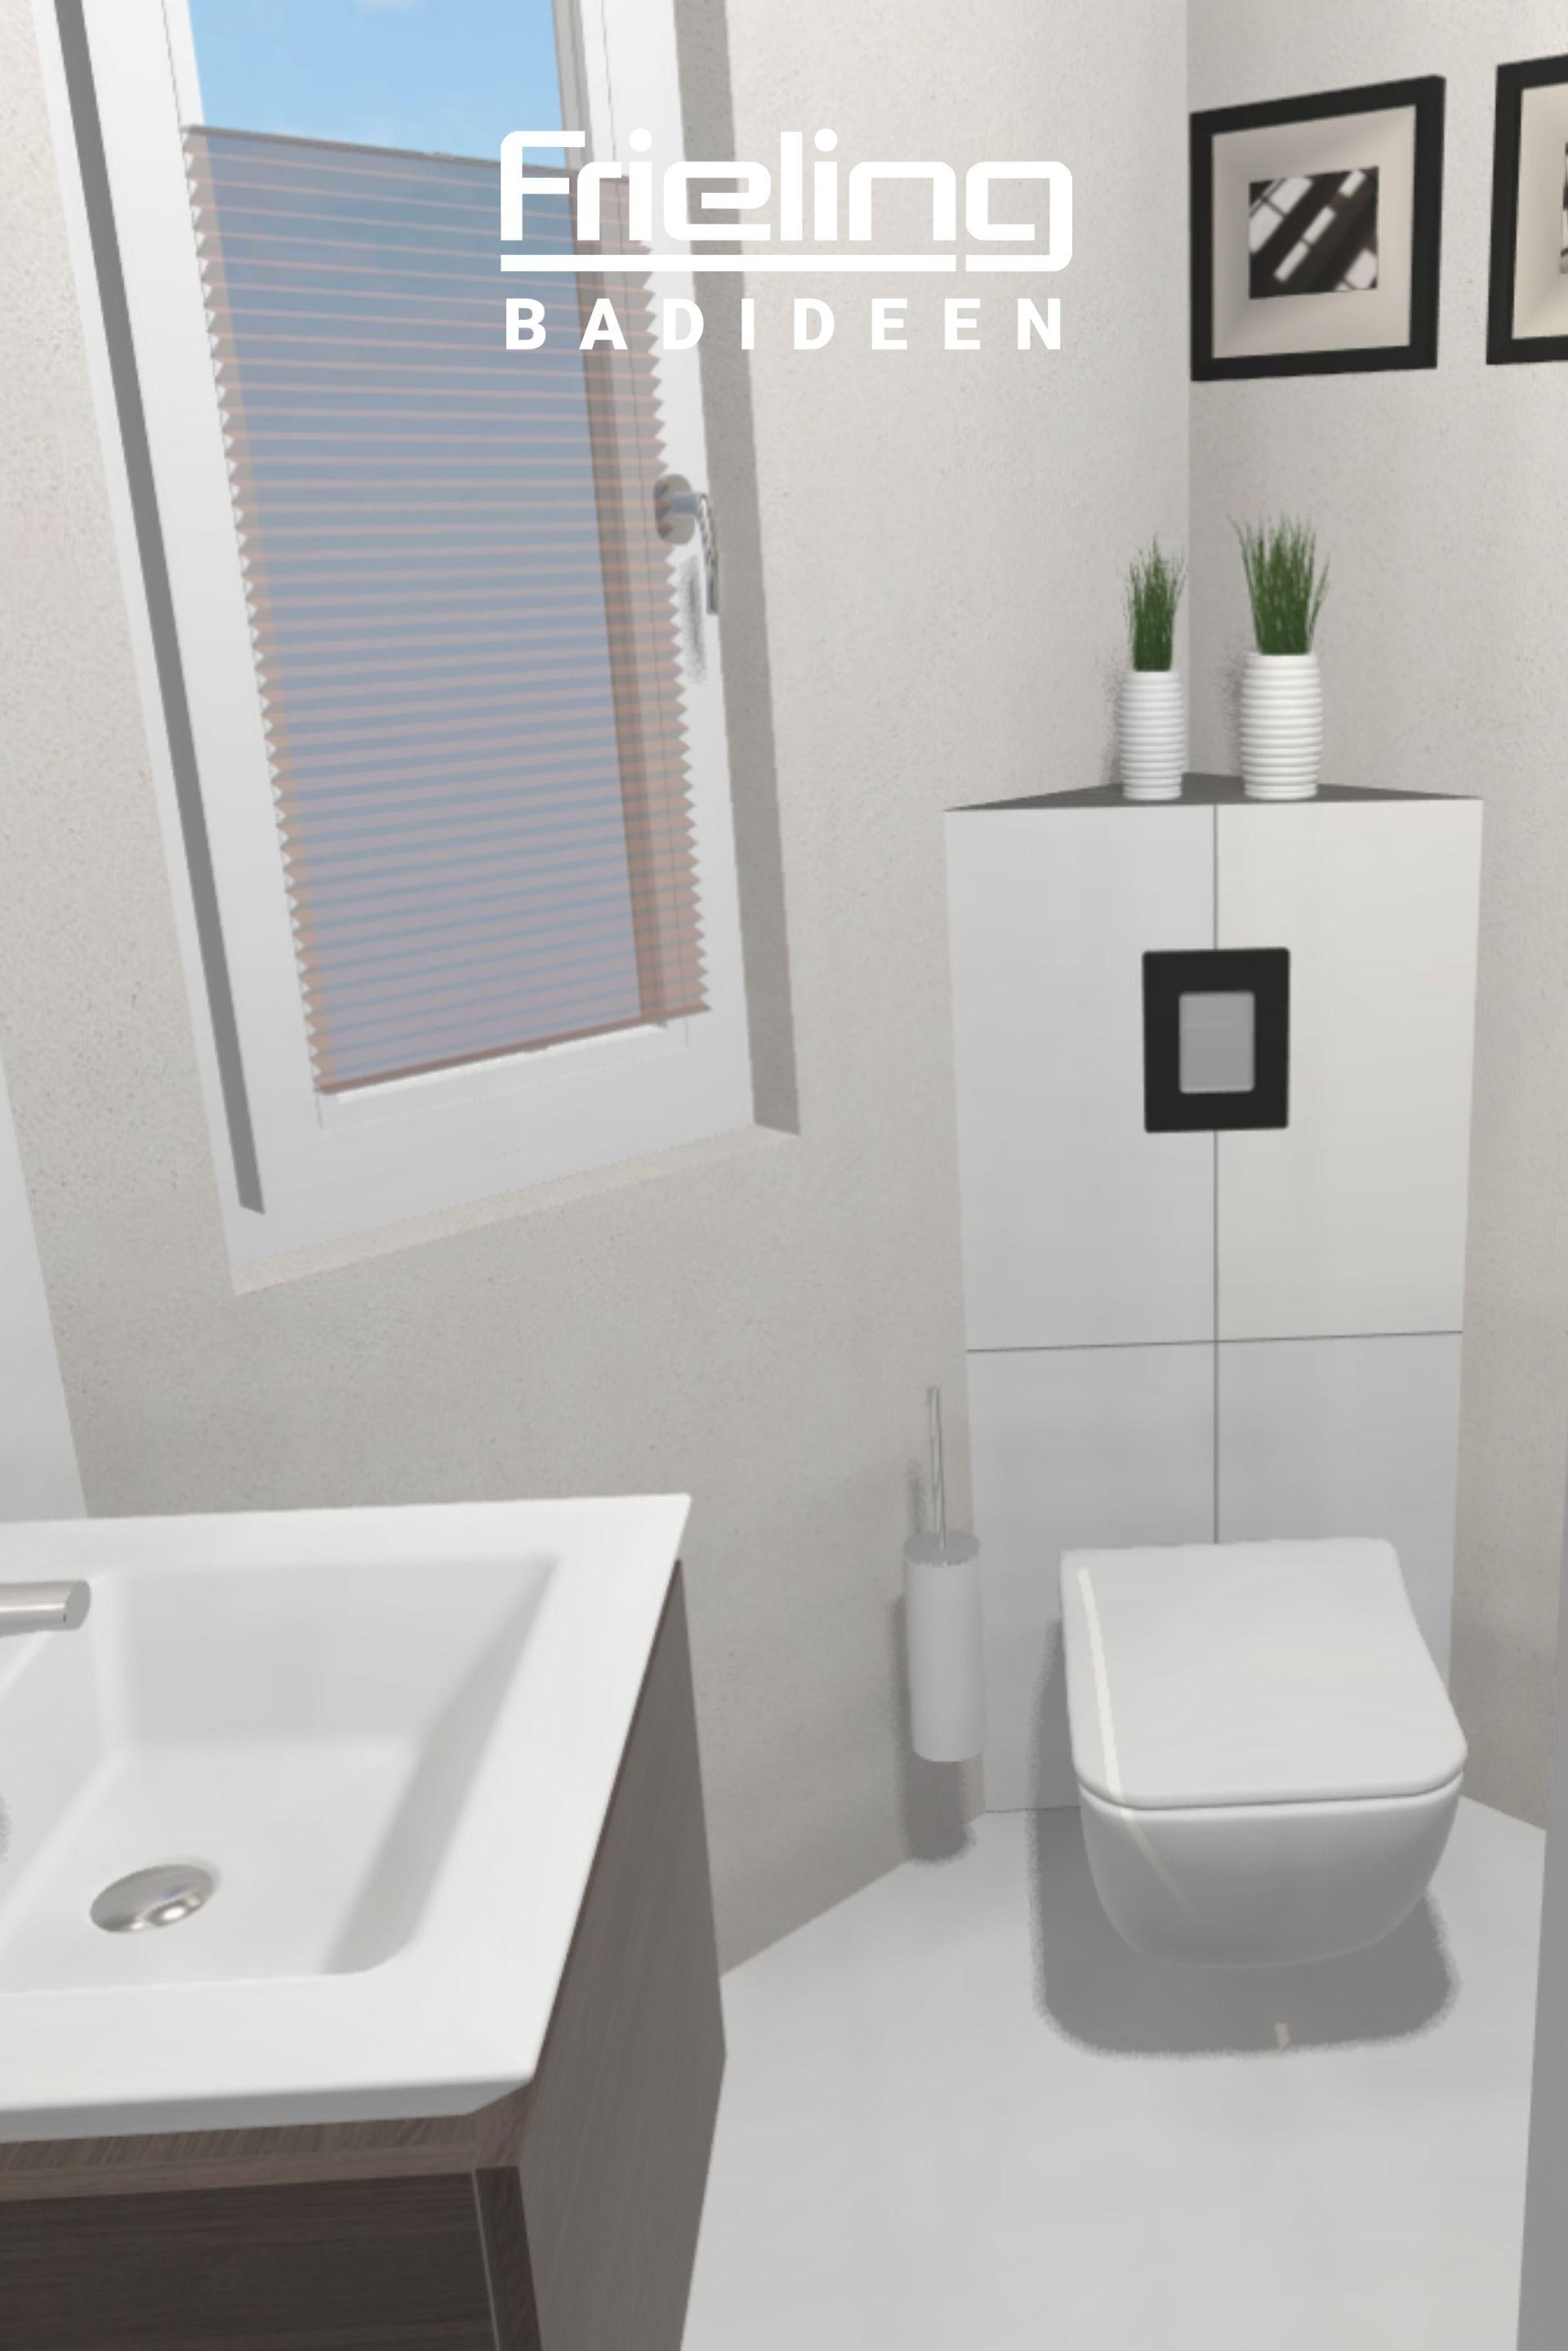 Wand Wc Uber Eck Abmauerung Zur Toilette In 2020 Badezimmer Renovieren Badezimmer Design Badezimmer Dekor